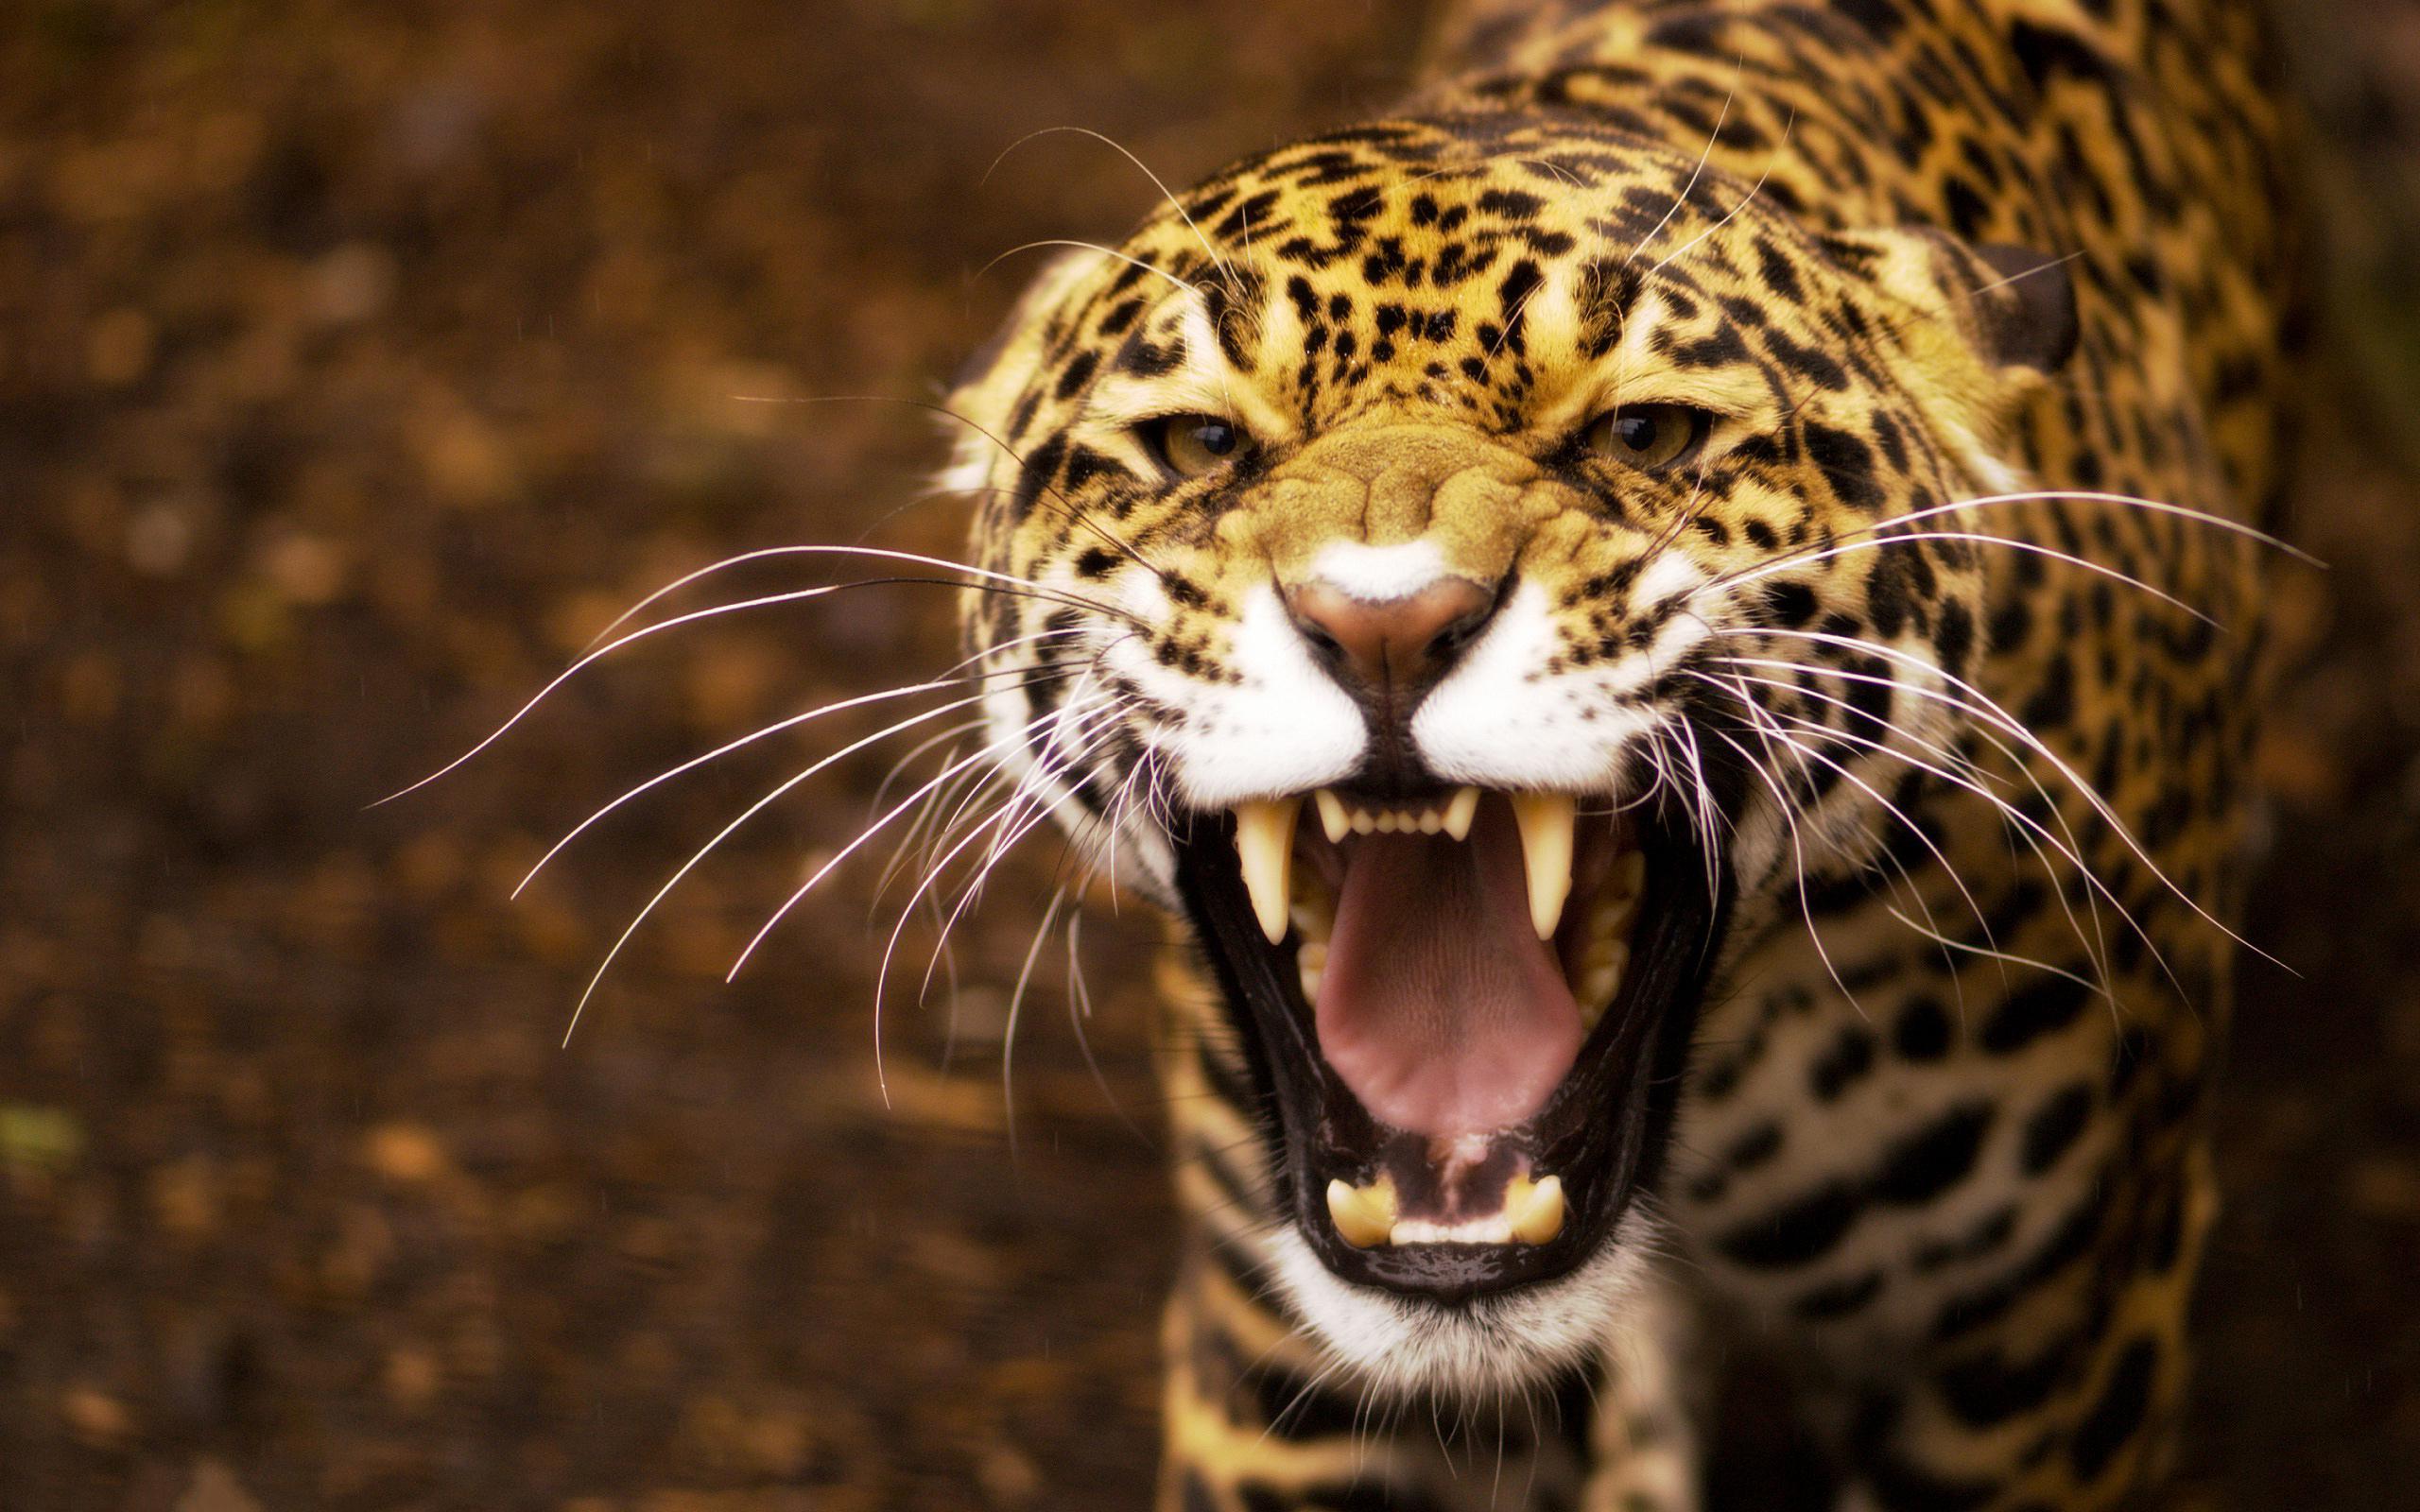 jaguar image